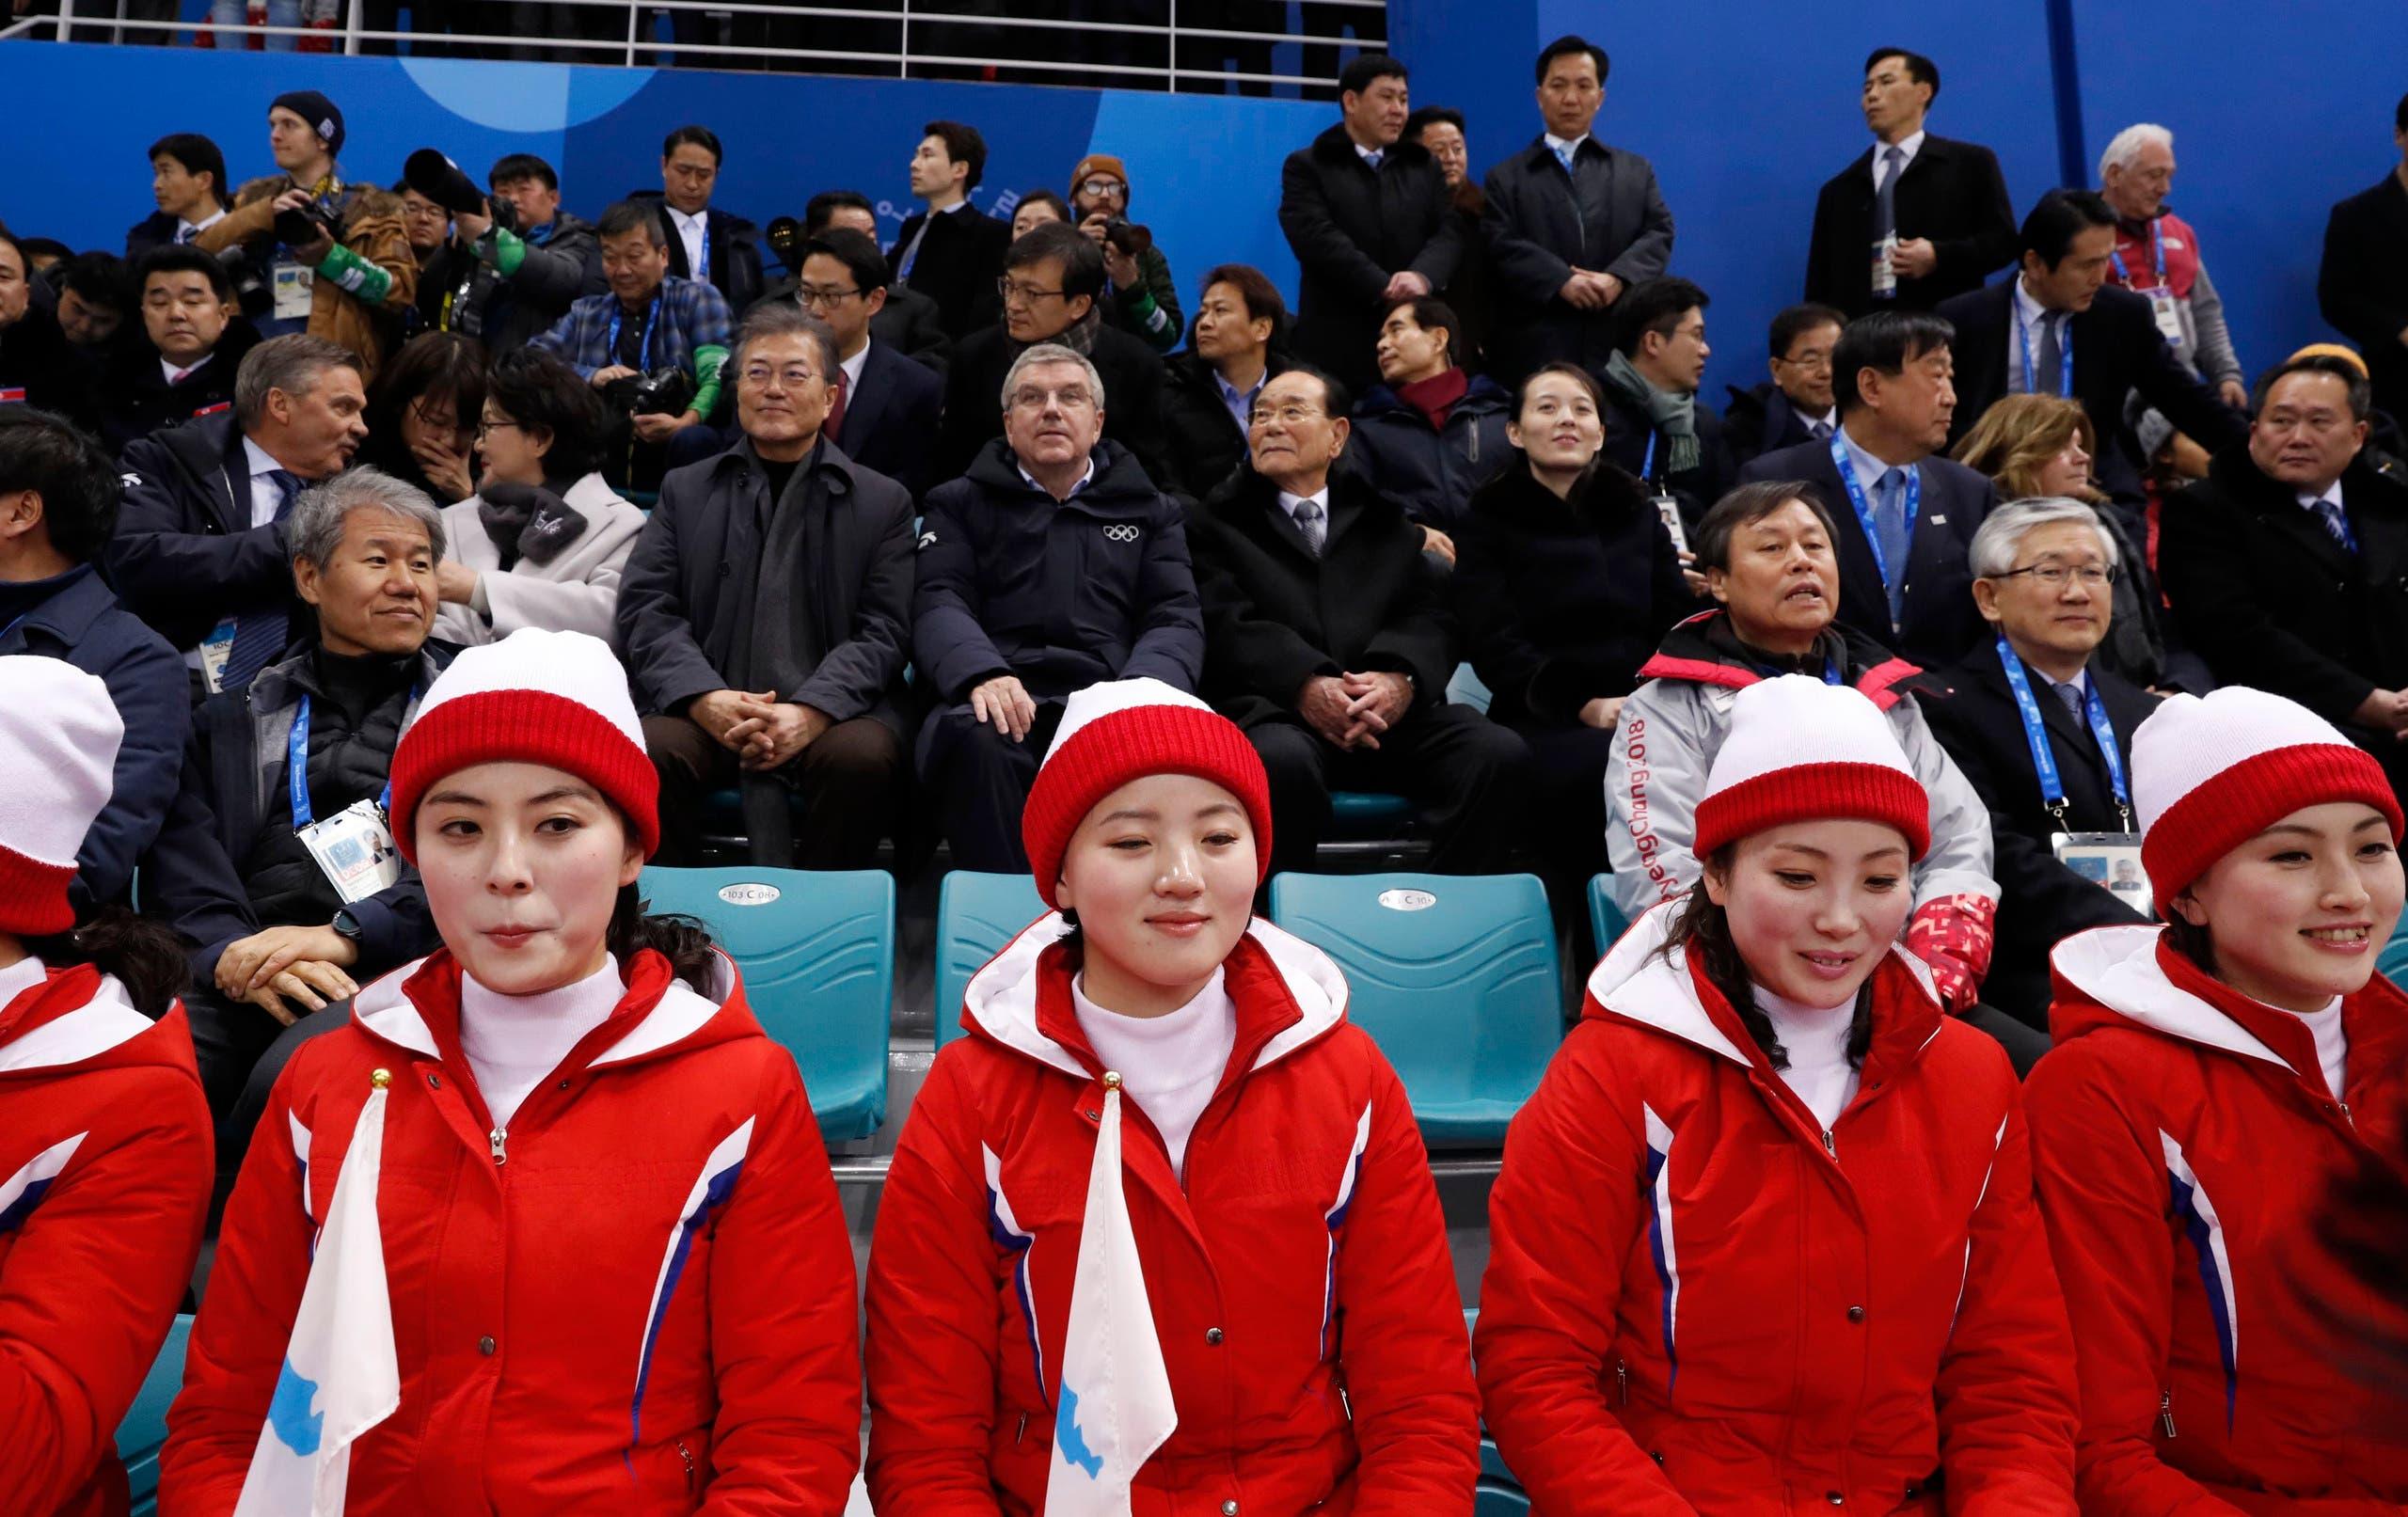 مشجعات من كوريا الشمالية ووراءهن مسؤولون من الكوريتين